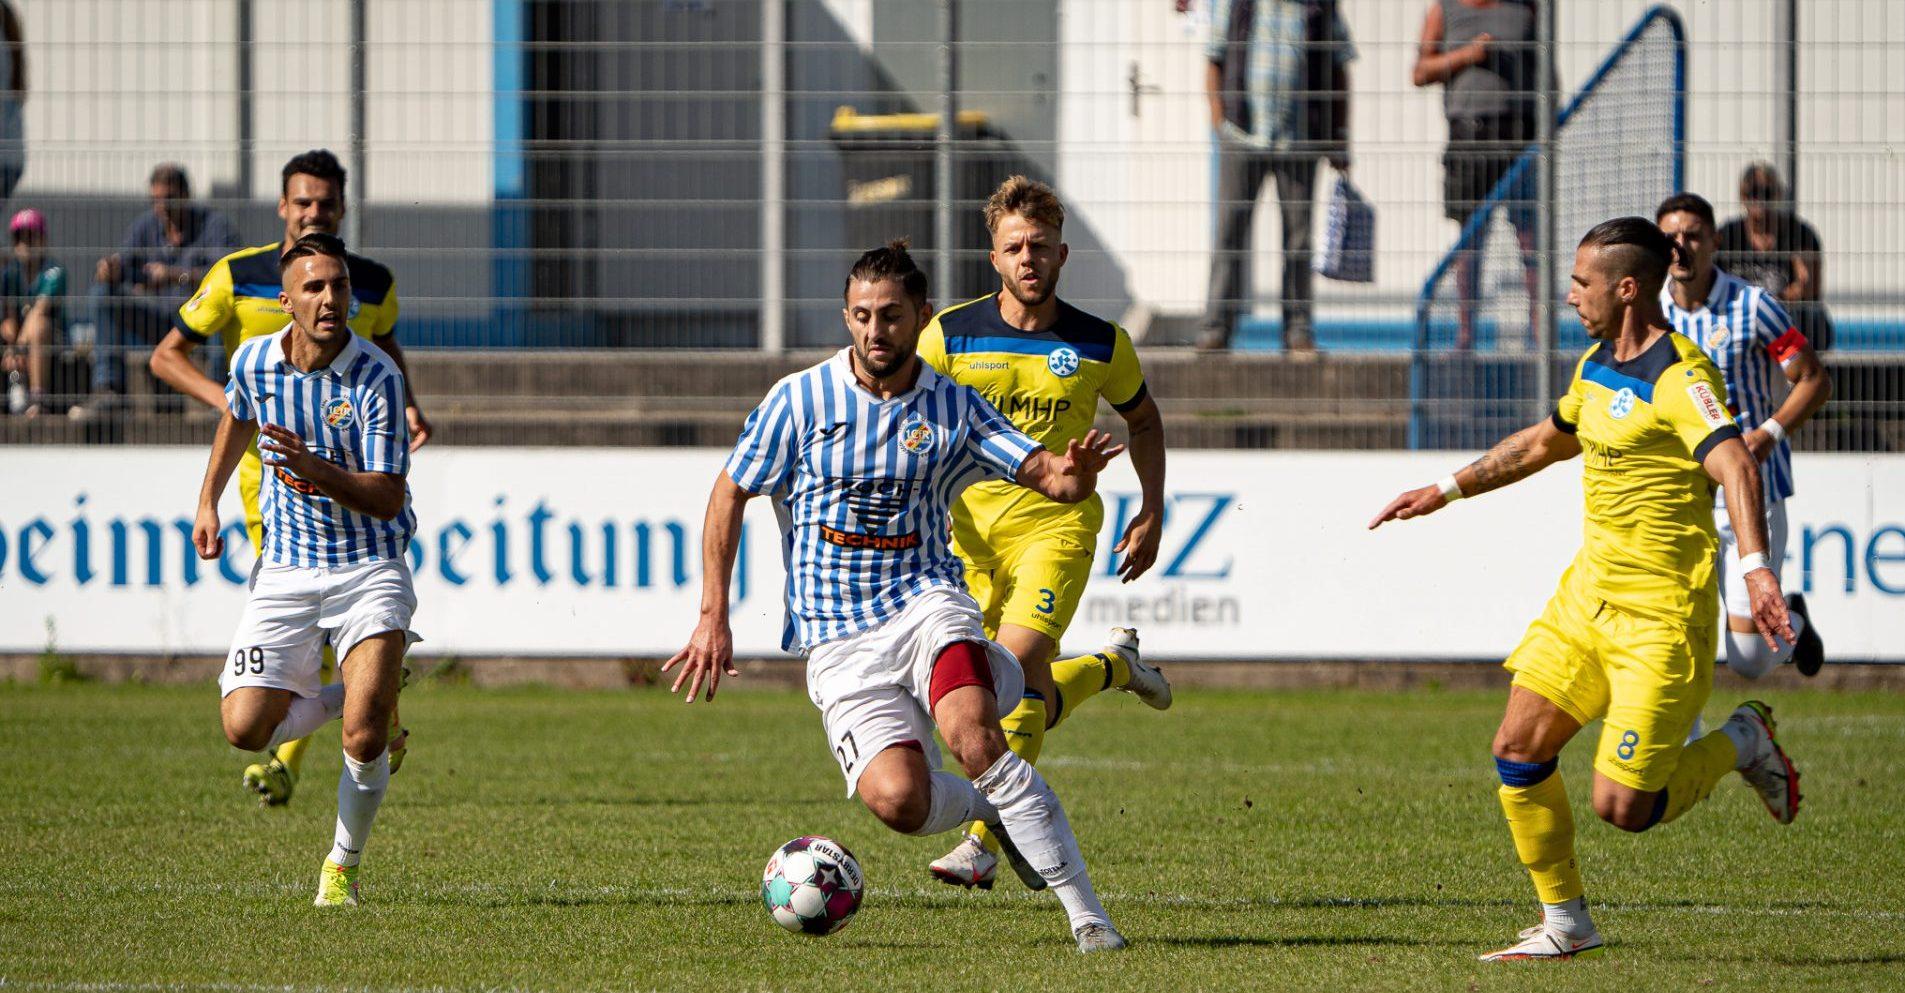 Heimsieg gegen die Stuttgarter Kickers